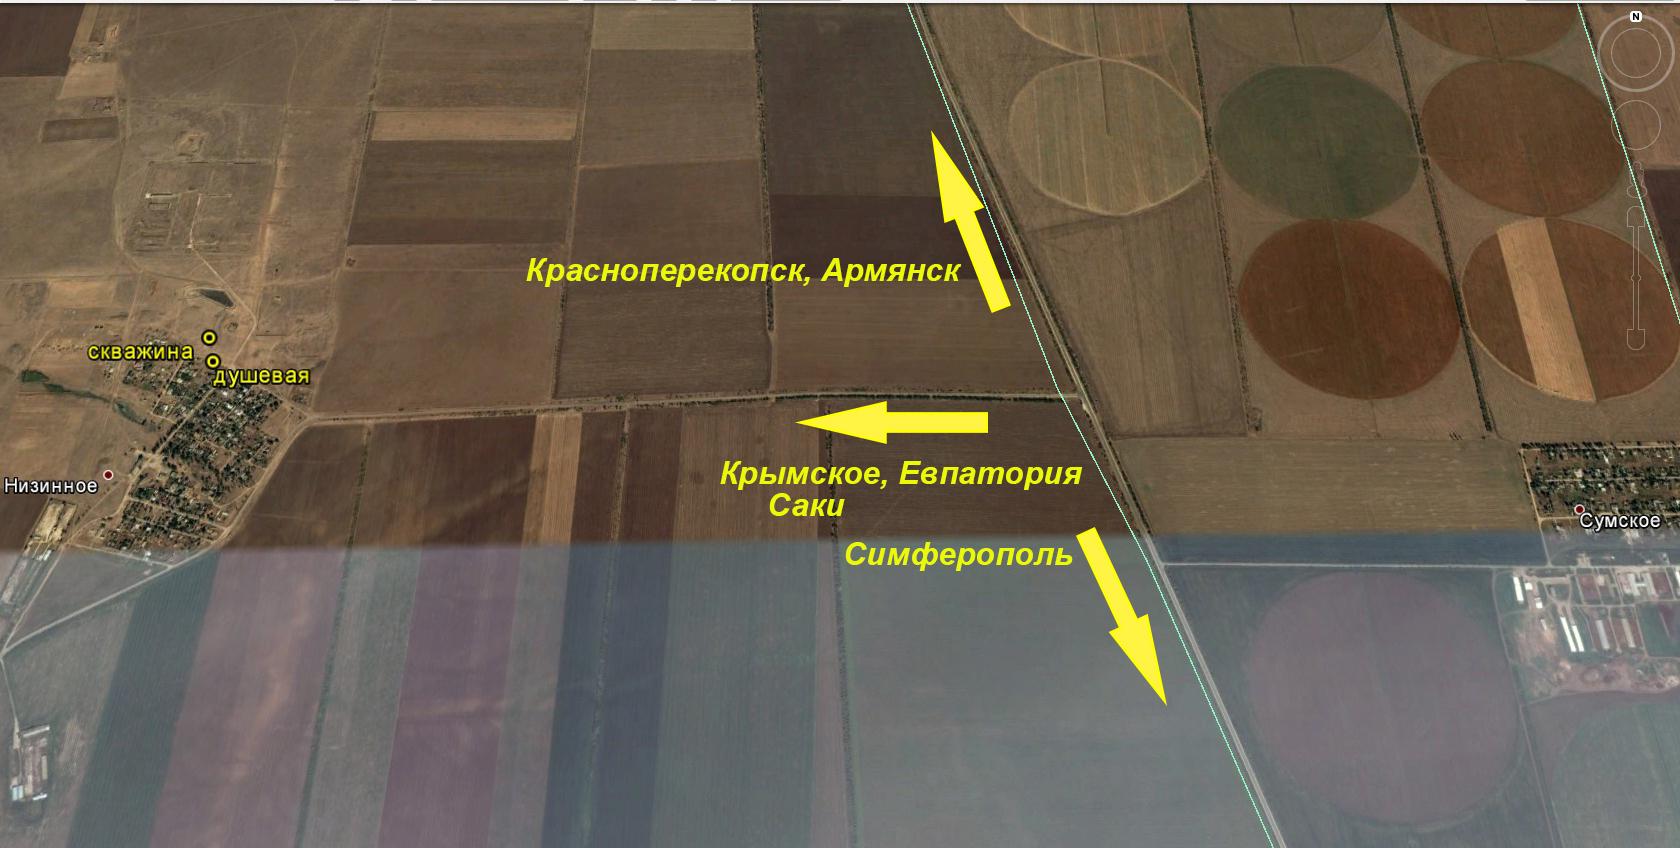 Низинное, поворот на Крымское, скважина термальной воды. Схема.